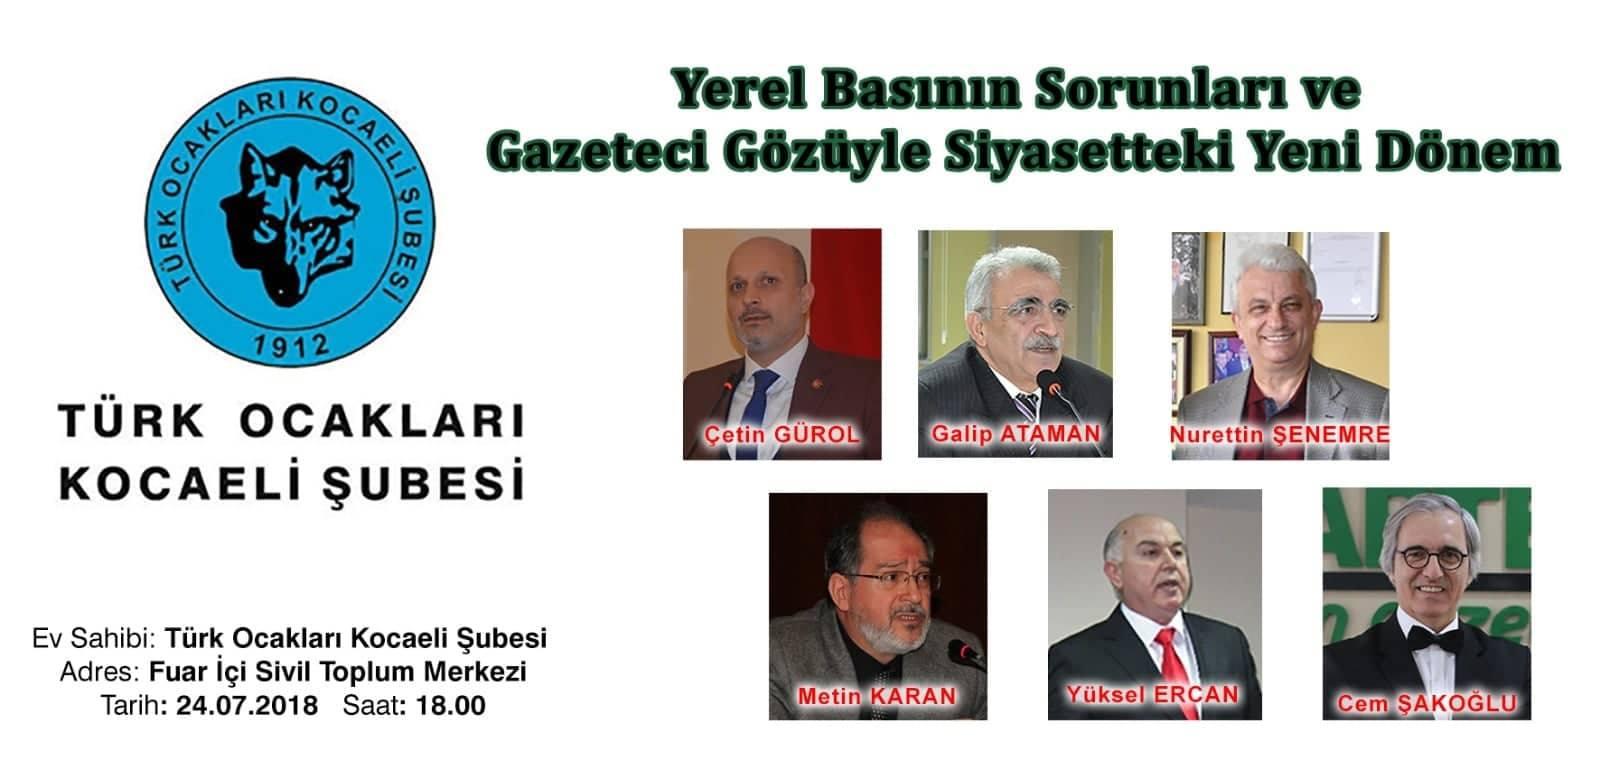 Türk Ocakları'ndan anlamlı organizasyon